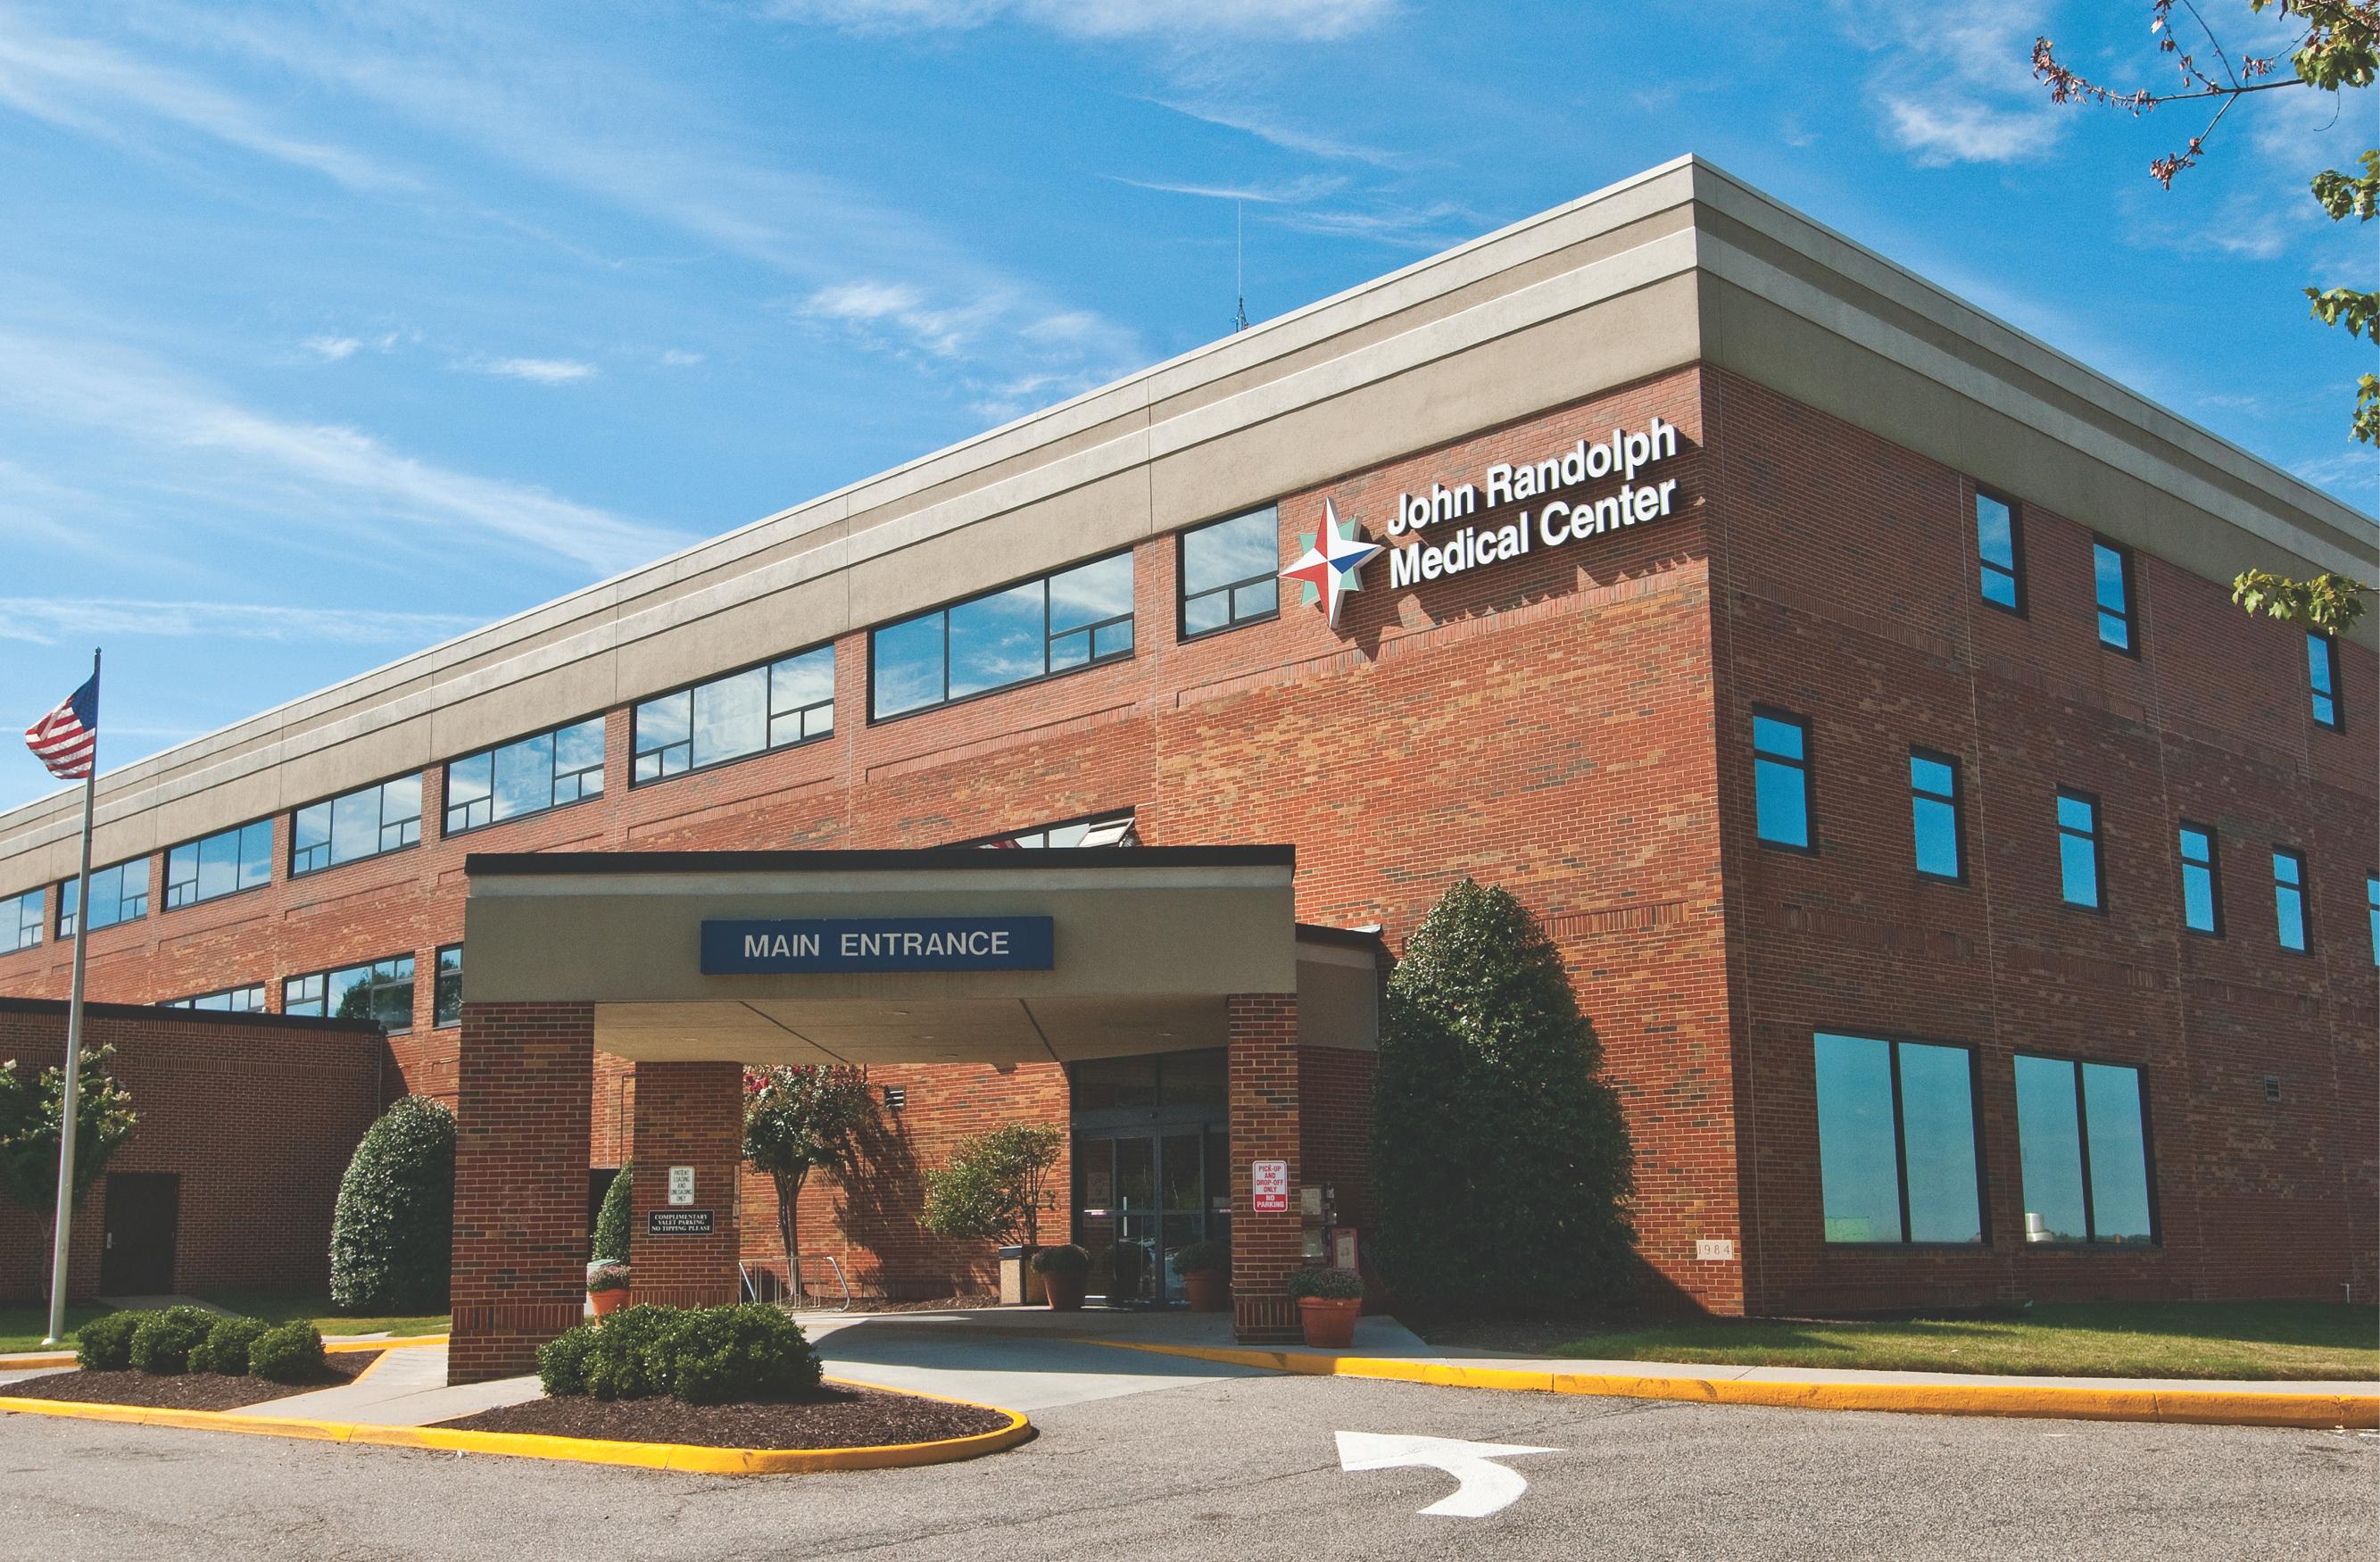 John Randolph Medical Center